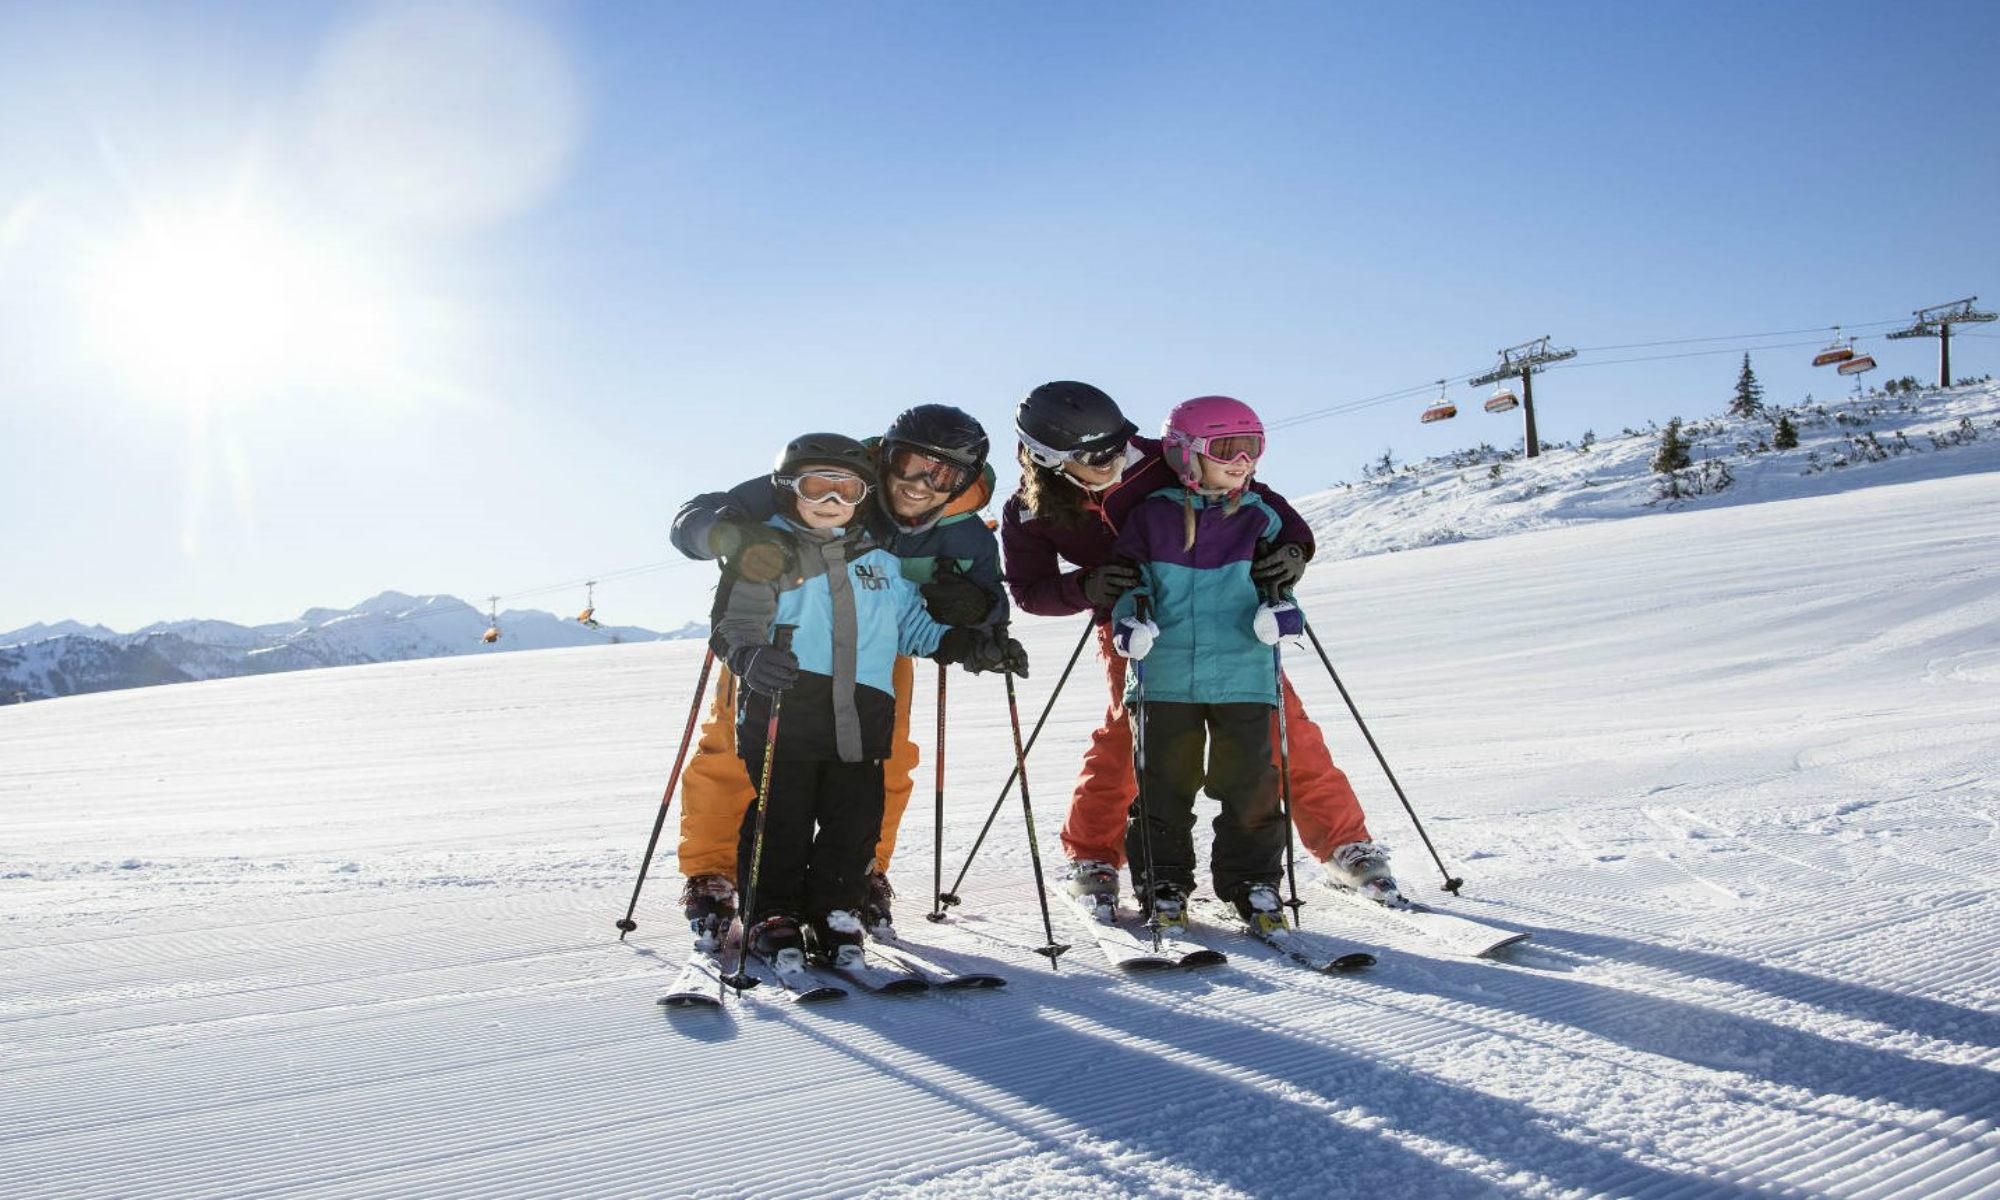 Een gezin poseert voor een foto terwijl ze leren skiën in Oostenrijk.